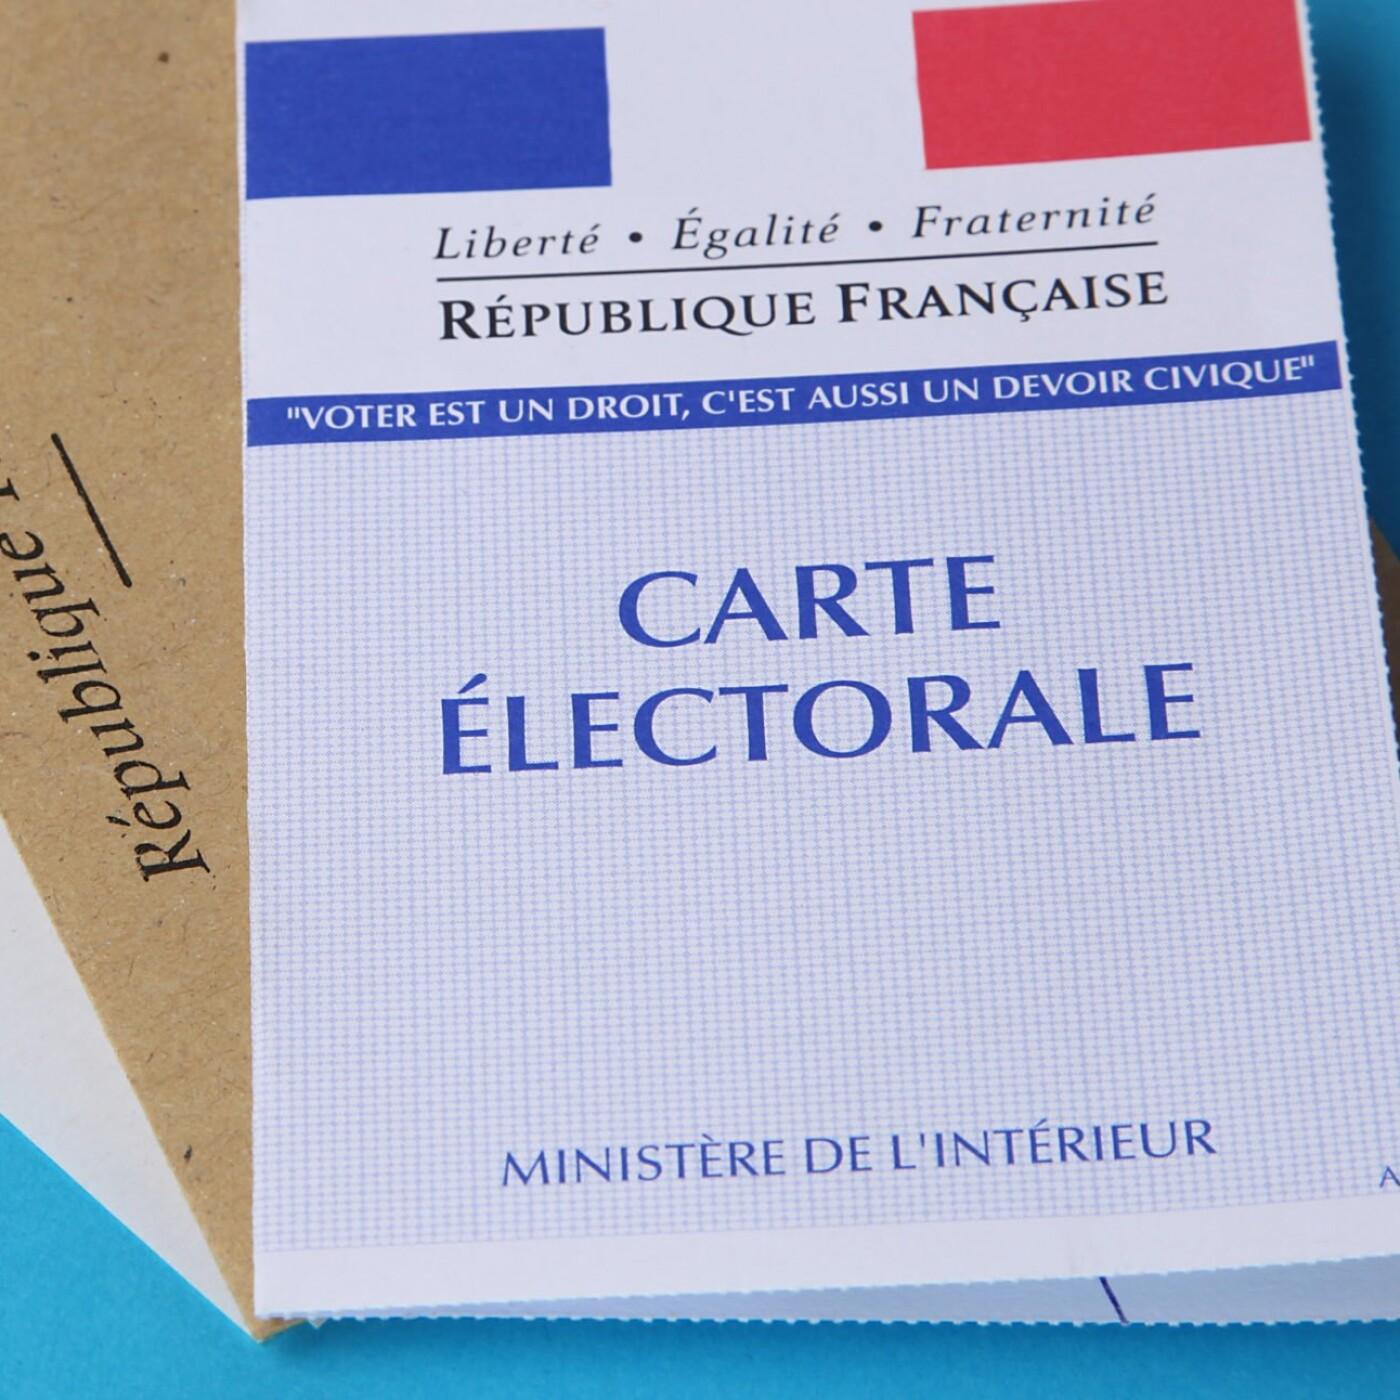 LES DOSSIERS DE PAUL Comment s'inscrire sur les listes électorales quand on est expat - 17 09 2021 - StereoChic Radio